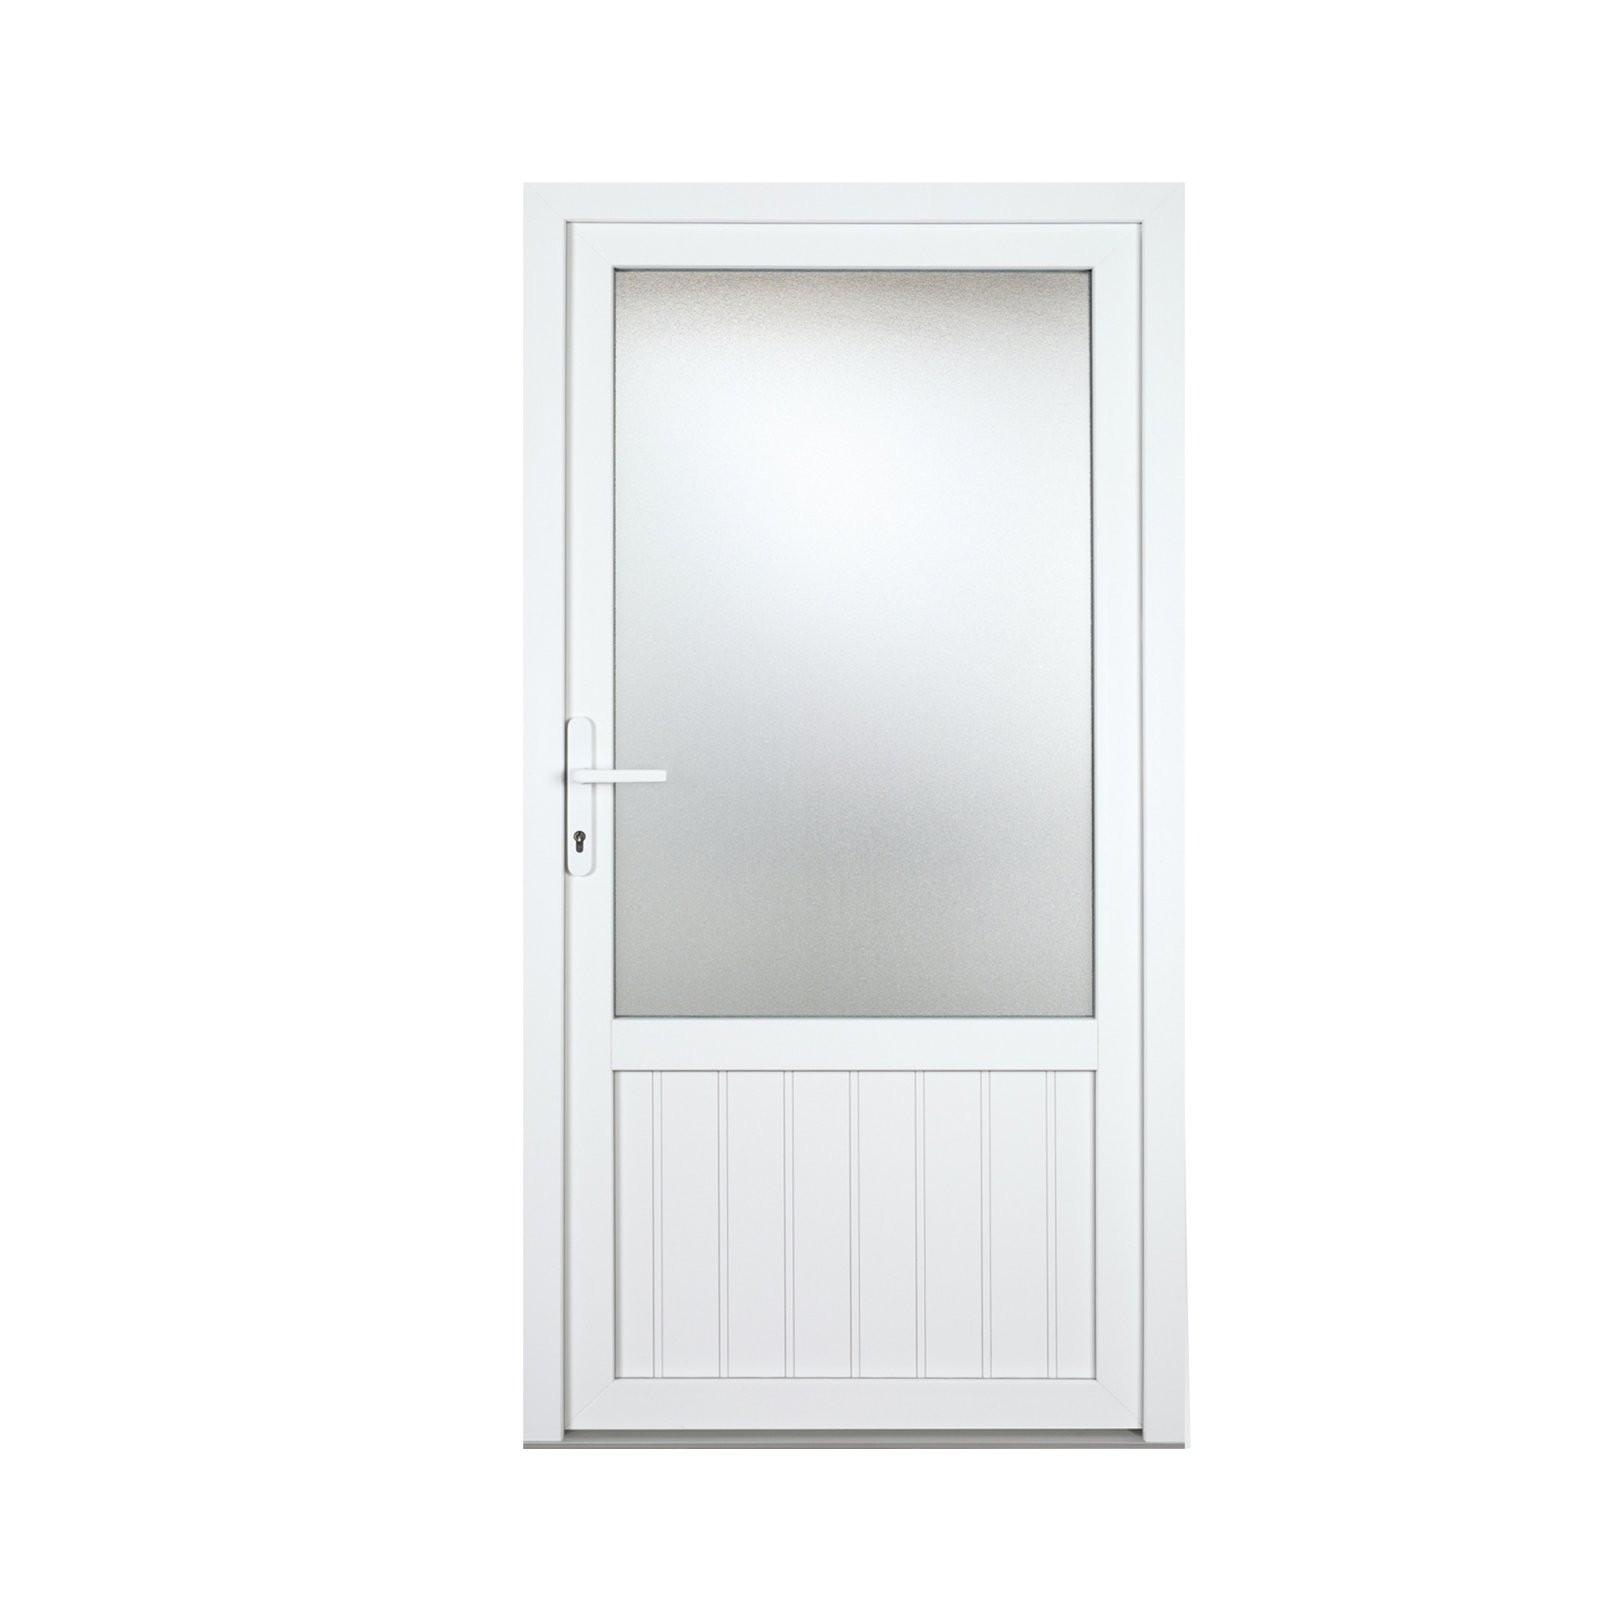 M00377  Kp Holz Shop  Haustüren Zimmertüren Und Böden Günstig von Km Meeth Zaun Gmbh Haustüren Photo